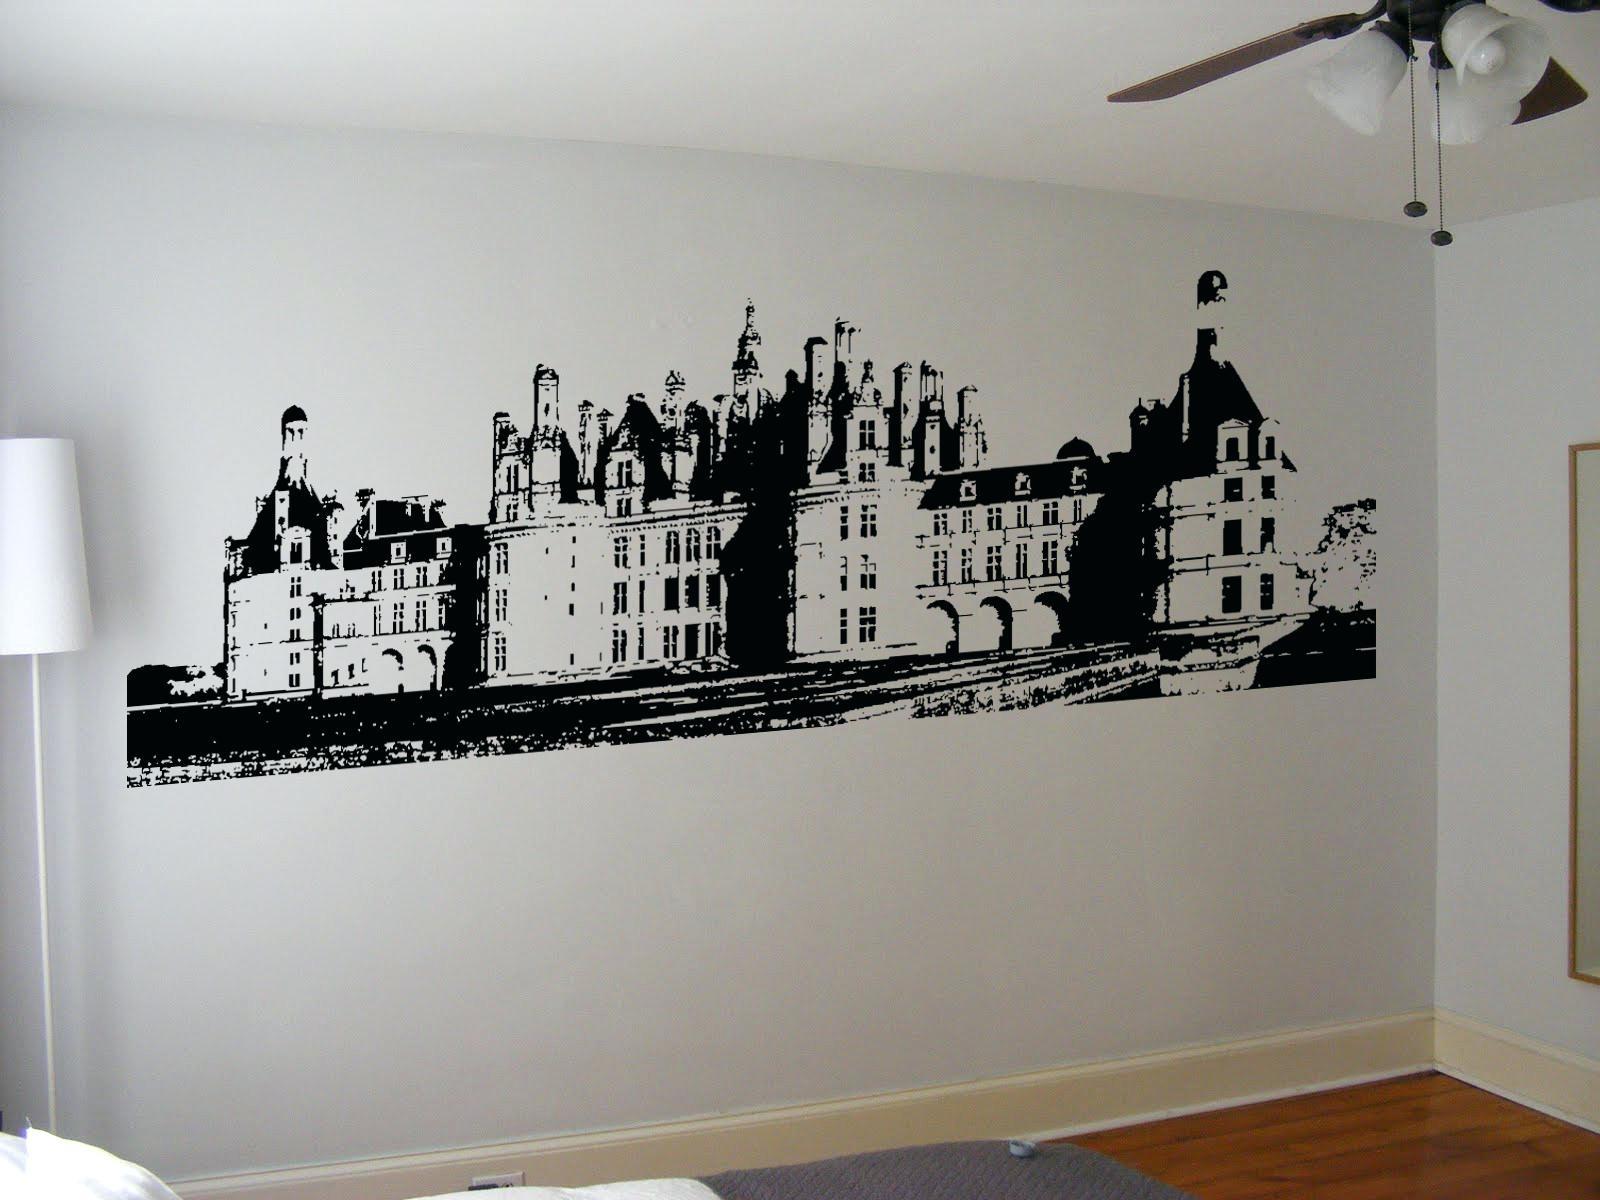 Unusual Wall Decals Bedroom Adorable Cloud Wall Decals Nursery Wall regarding Unusual Wall Art (Image 13 of 20)